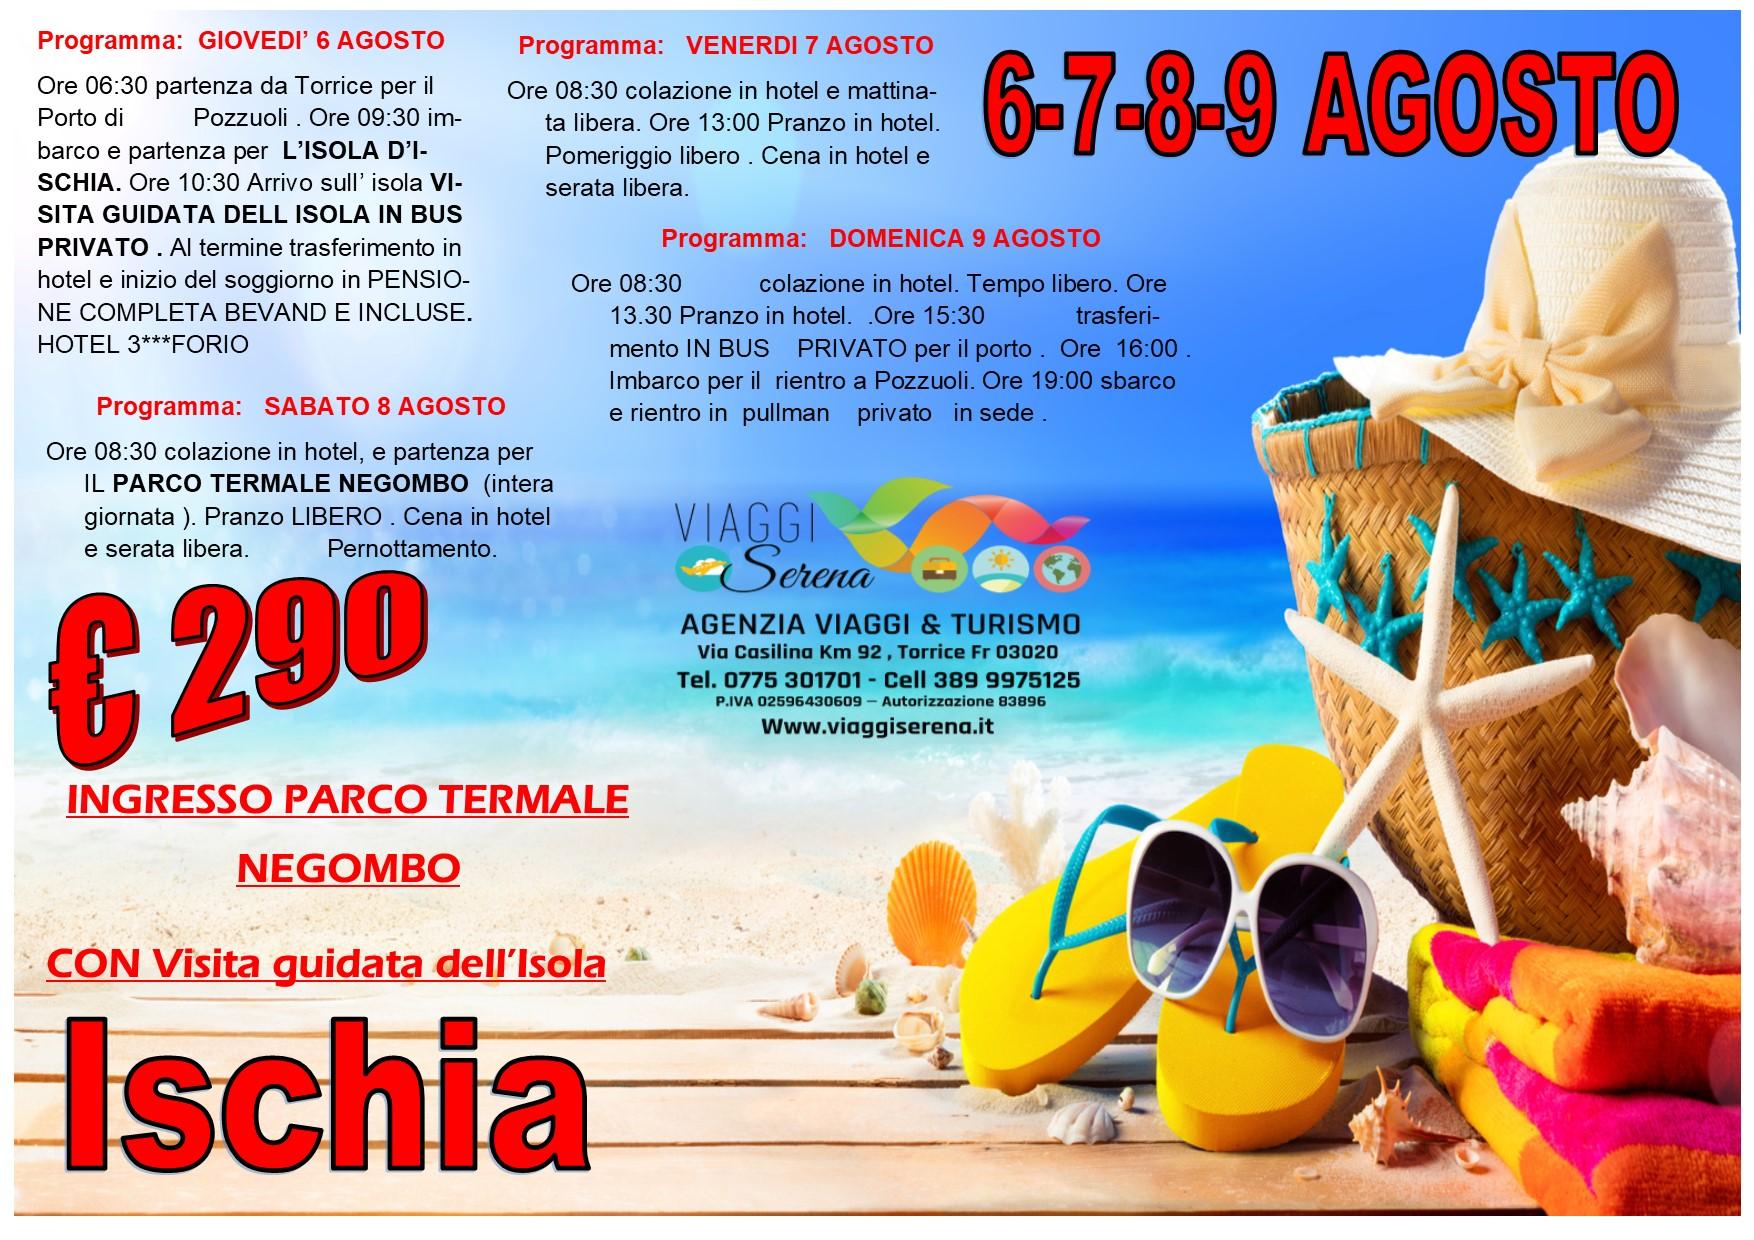 Viaggi di Gruppo: soggiorno ISCHIA 6-7-8-9 Agosto €290,00